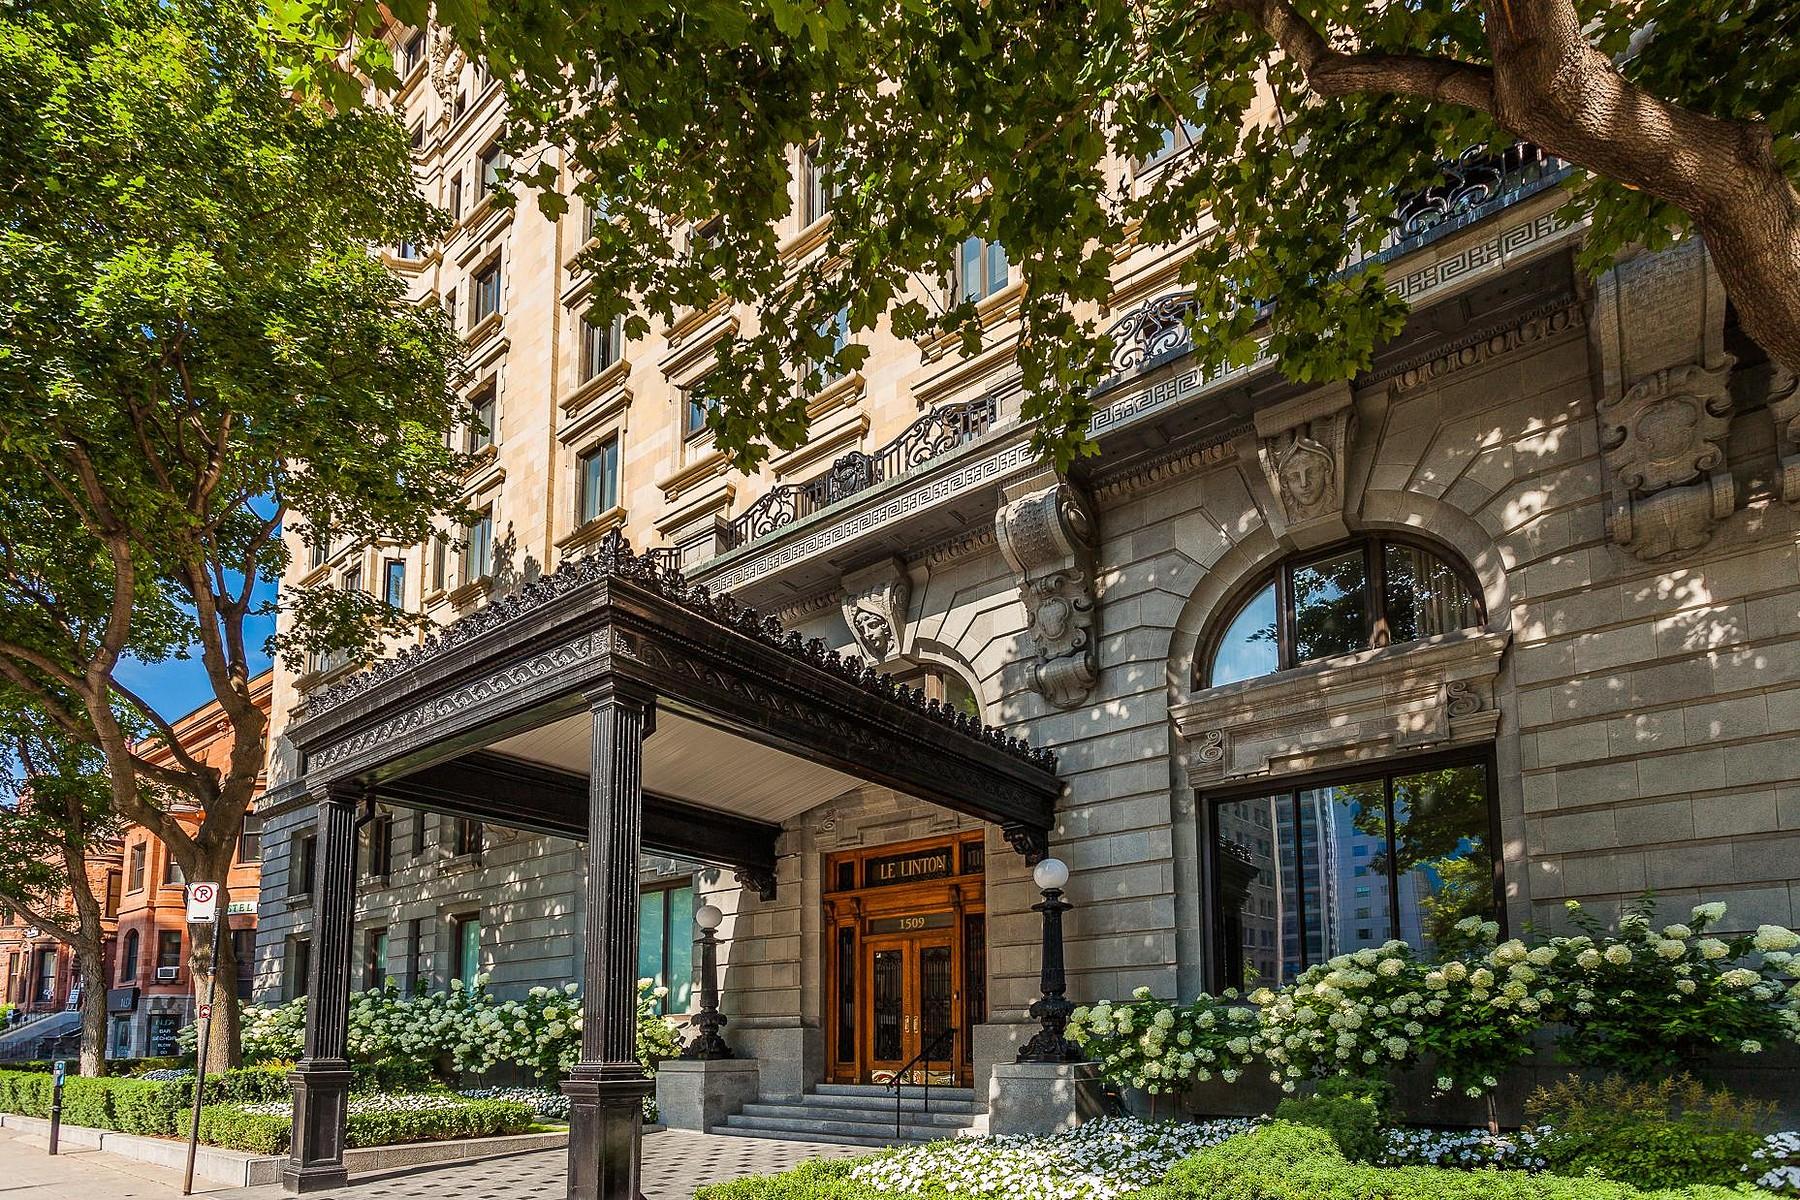 Частный односемейный дом для того Продажа на Exquisite 3-Bdrm The Linton 1509 Rue Sherbrooke O., Apt. 78 Montreal, Квебек H3G1M1 Канада